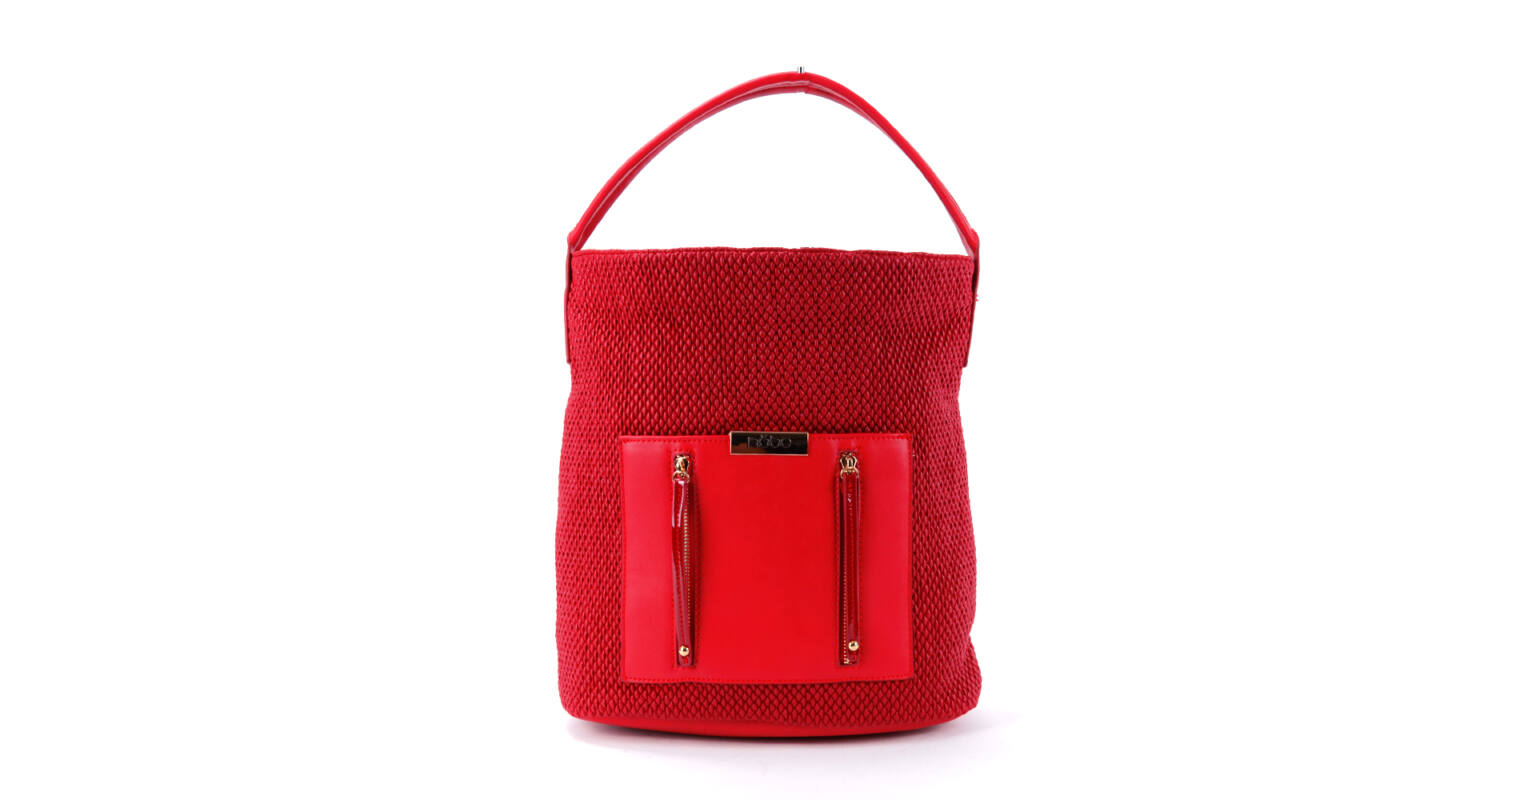 cd51c2e7ba99 Nobo Nagy Méretű Női Válltáska - Piros - Válltáskák - Táska webáruház -  Minőségi táskák mindenkinek